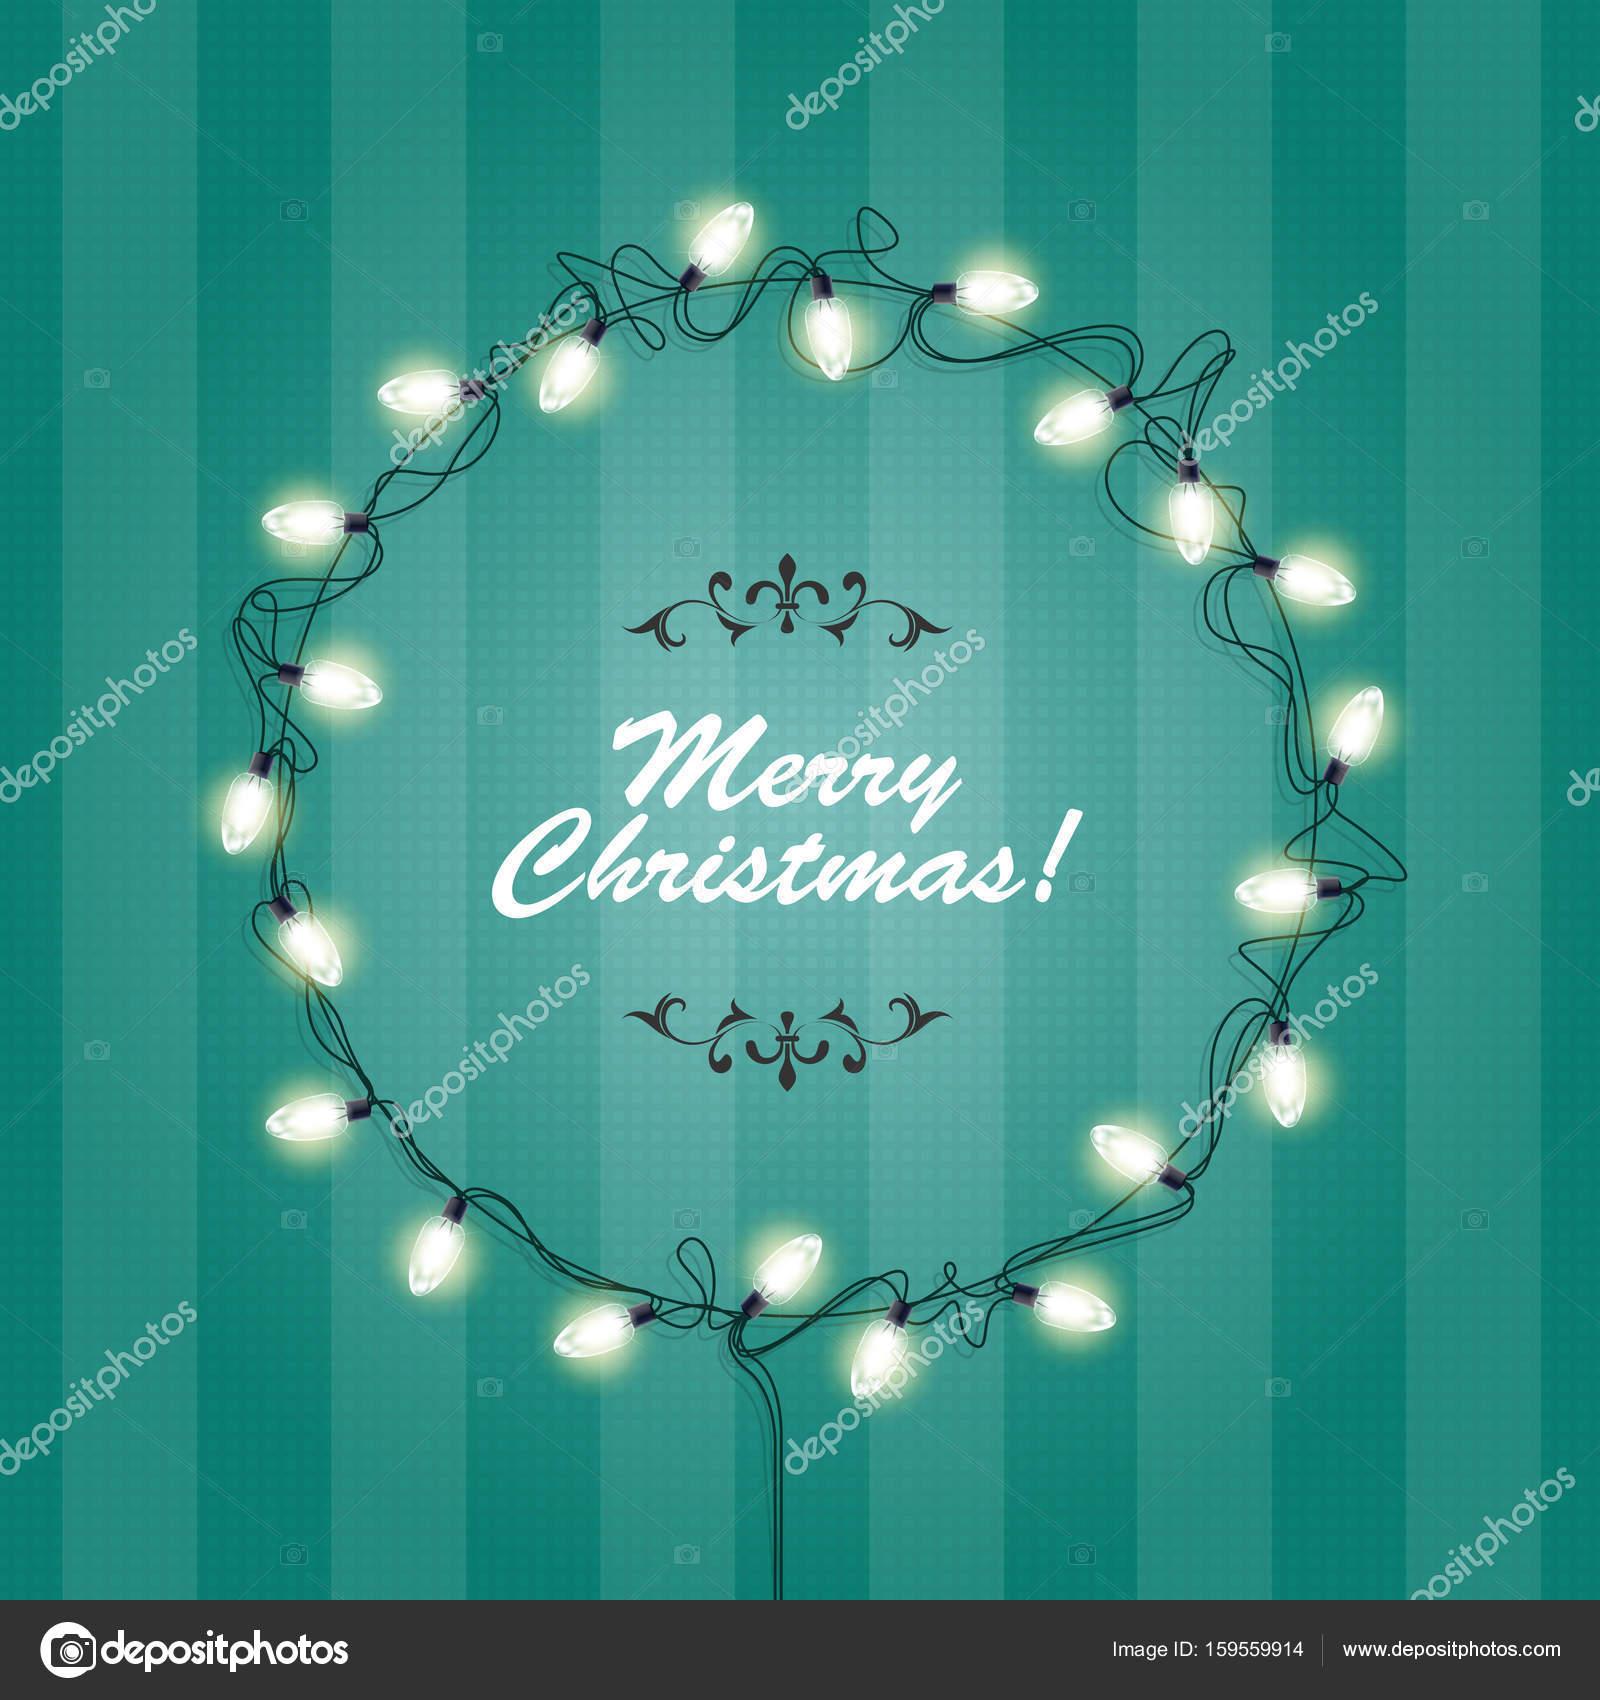 Weihnachtsbeleuchtung Kranz.Weihnachtsbeleuchtung Kranz Frame Runde Festliche Lichter